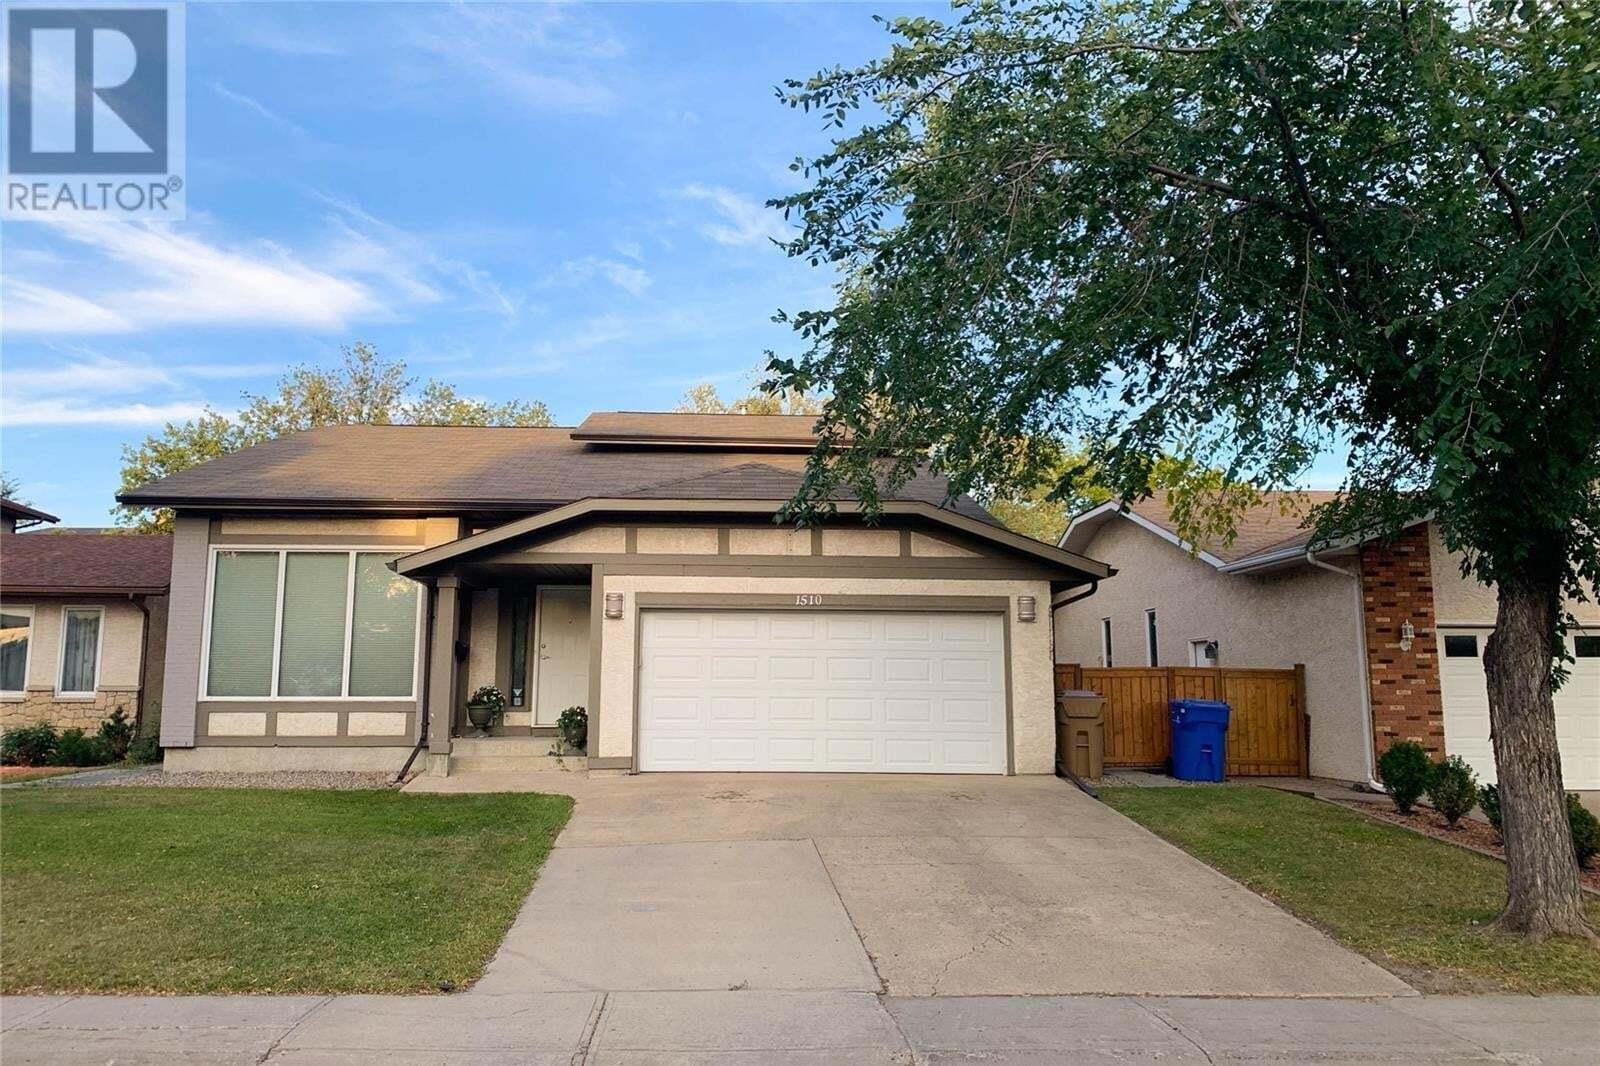 House for sale at 1510 Truesdale Dr E Regina Saskatchewan - MLS: SK826279